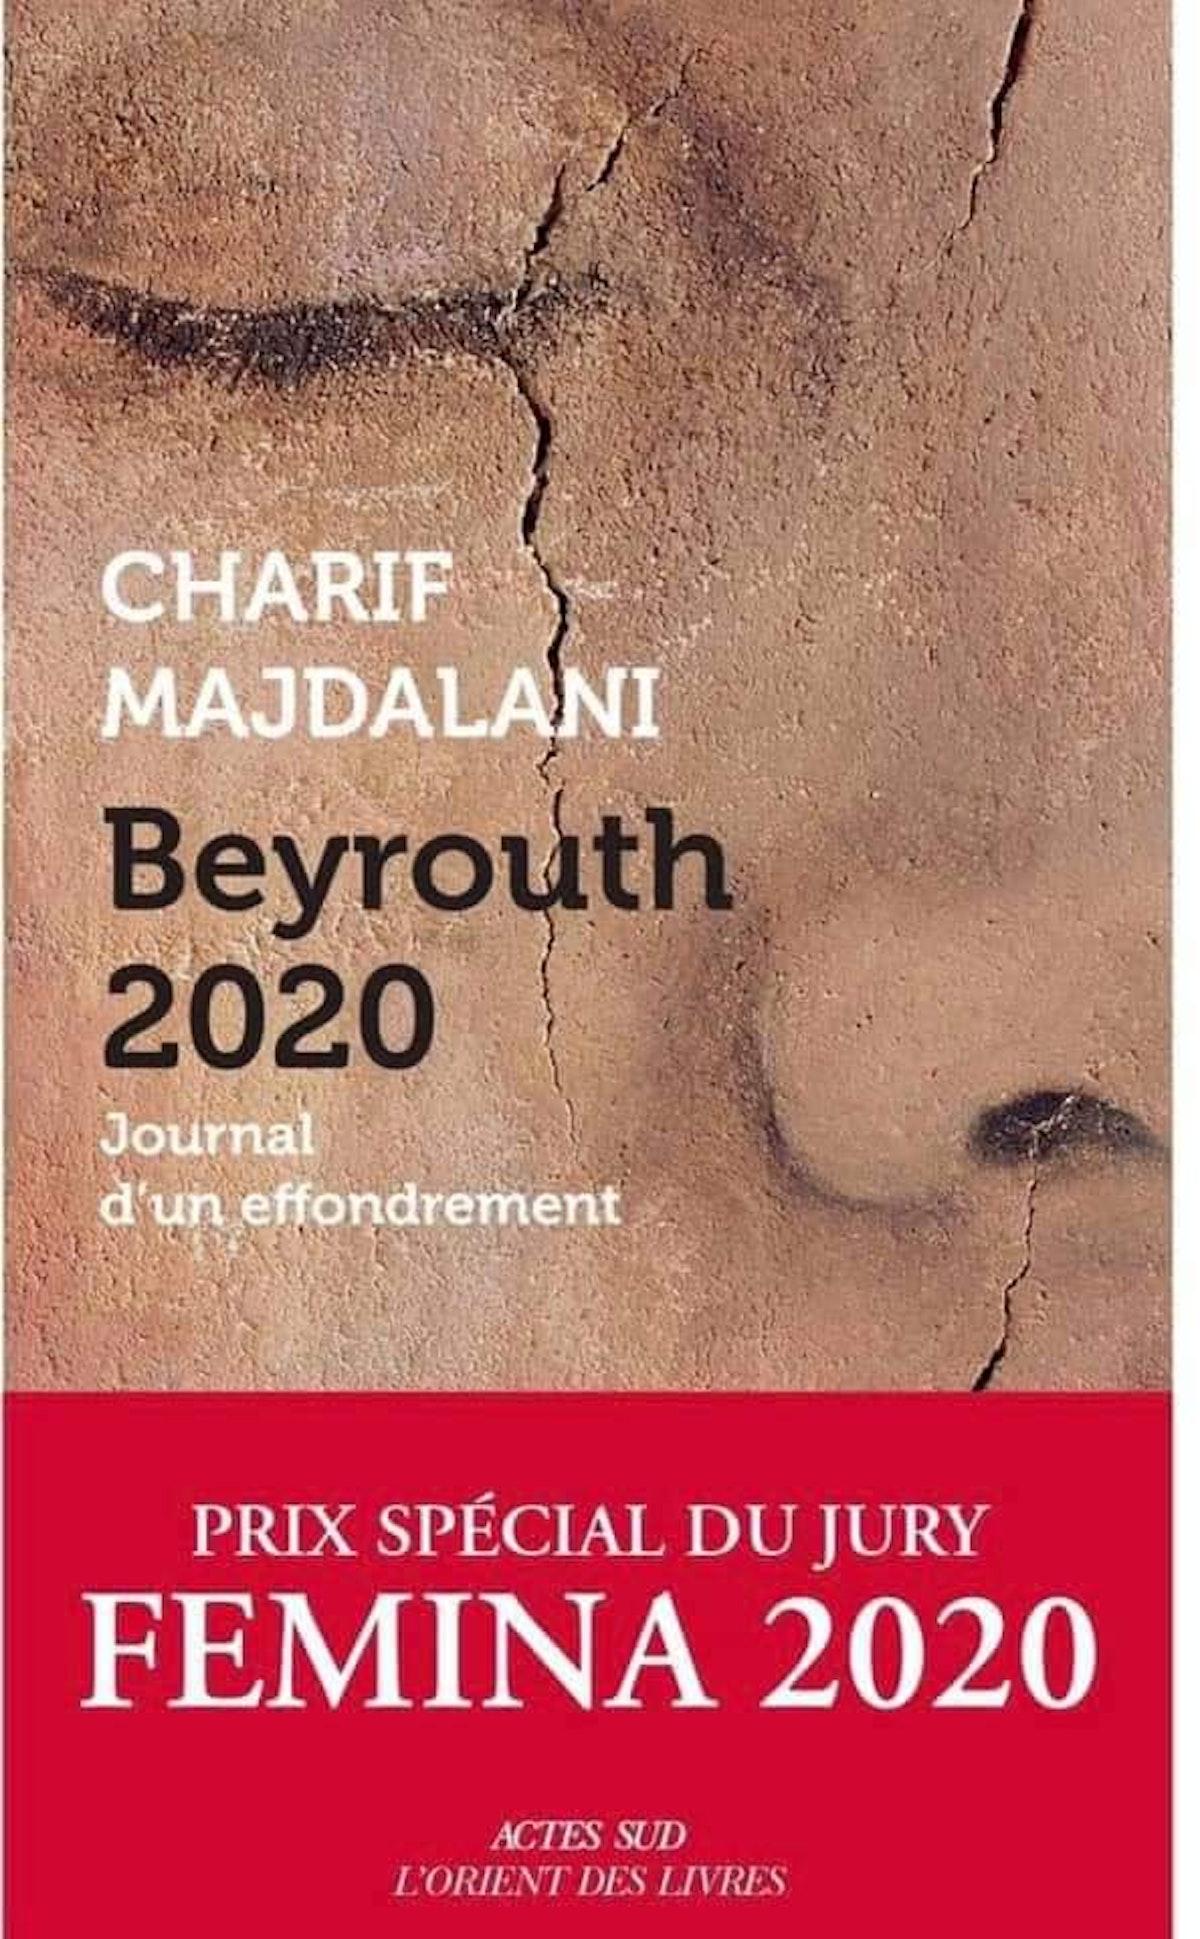 """غلاف رواية """"بيروت 2020"""" بعد فوزها بجائزة Femina - Femina"""